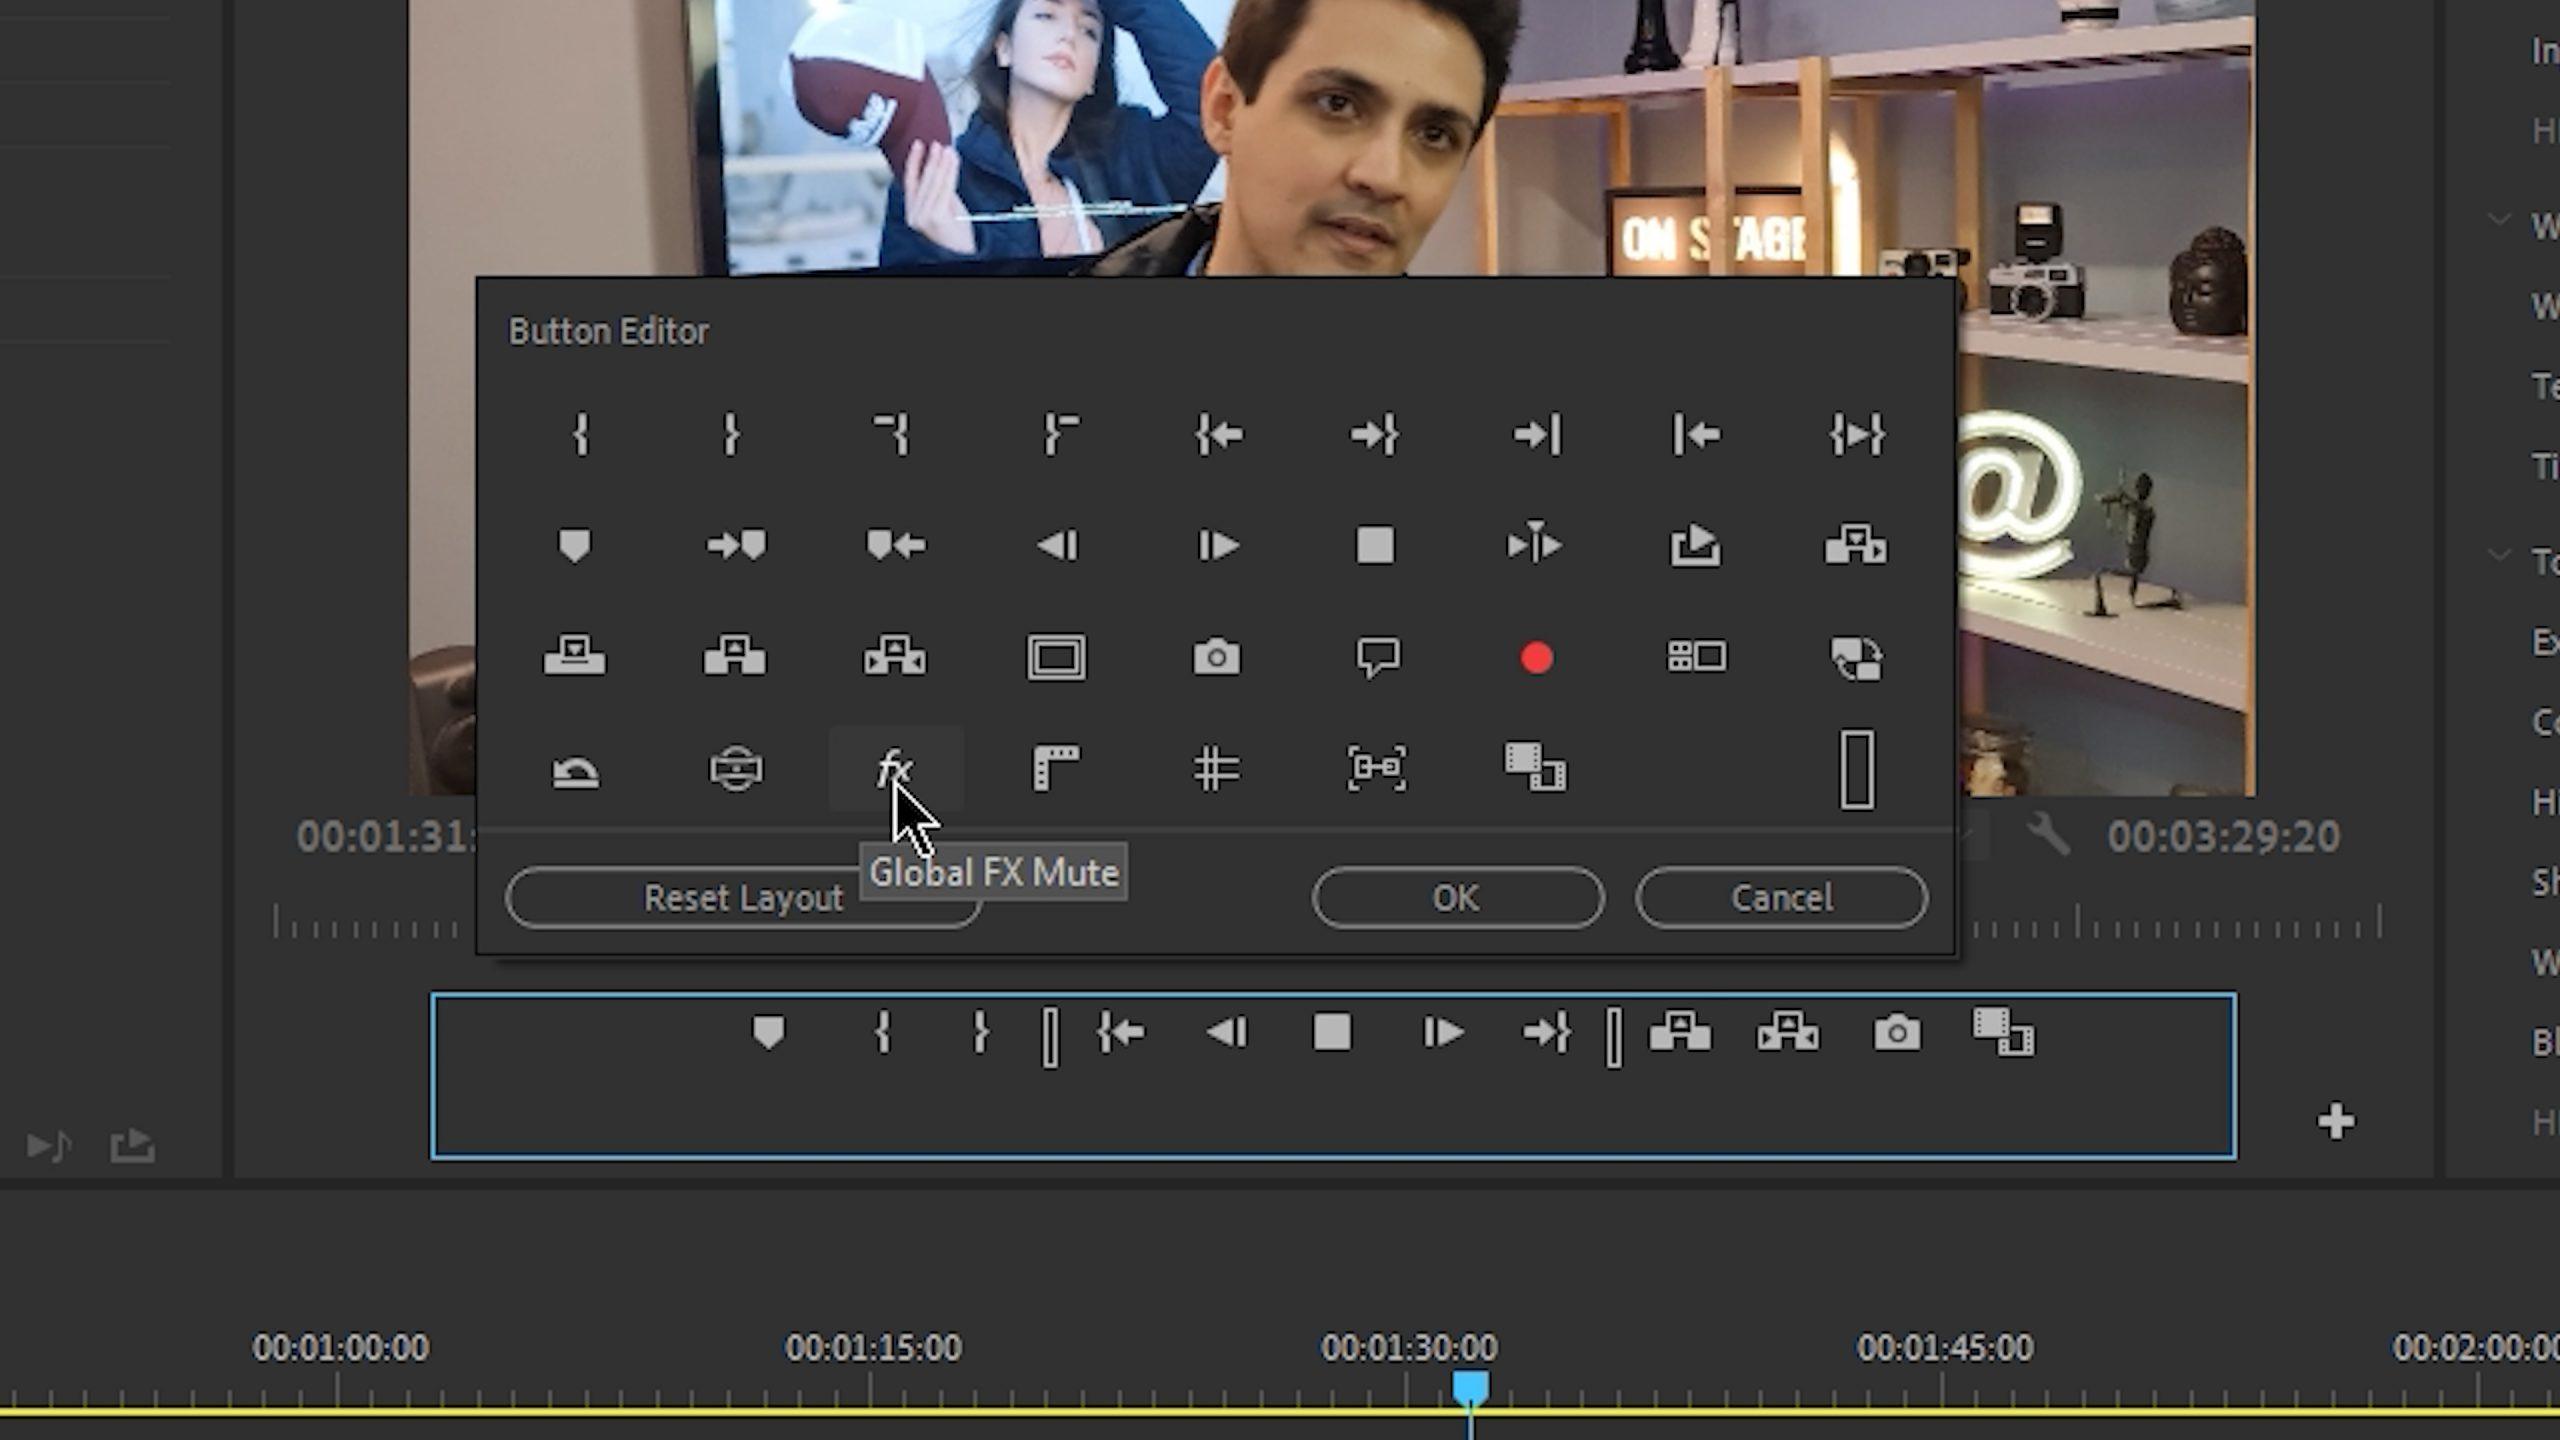 adding-fx-mute-button-to-premiere-pro